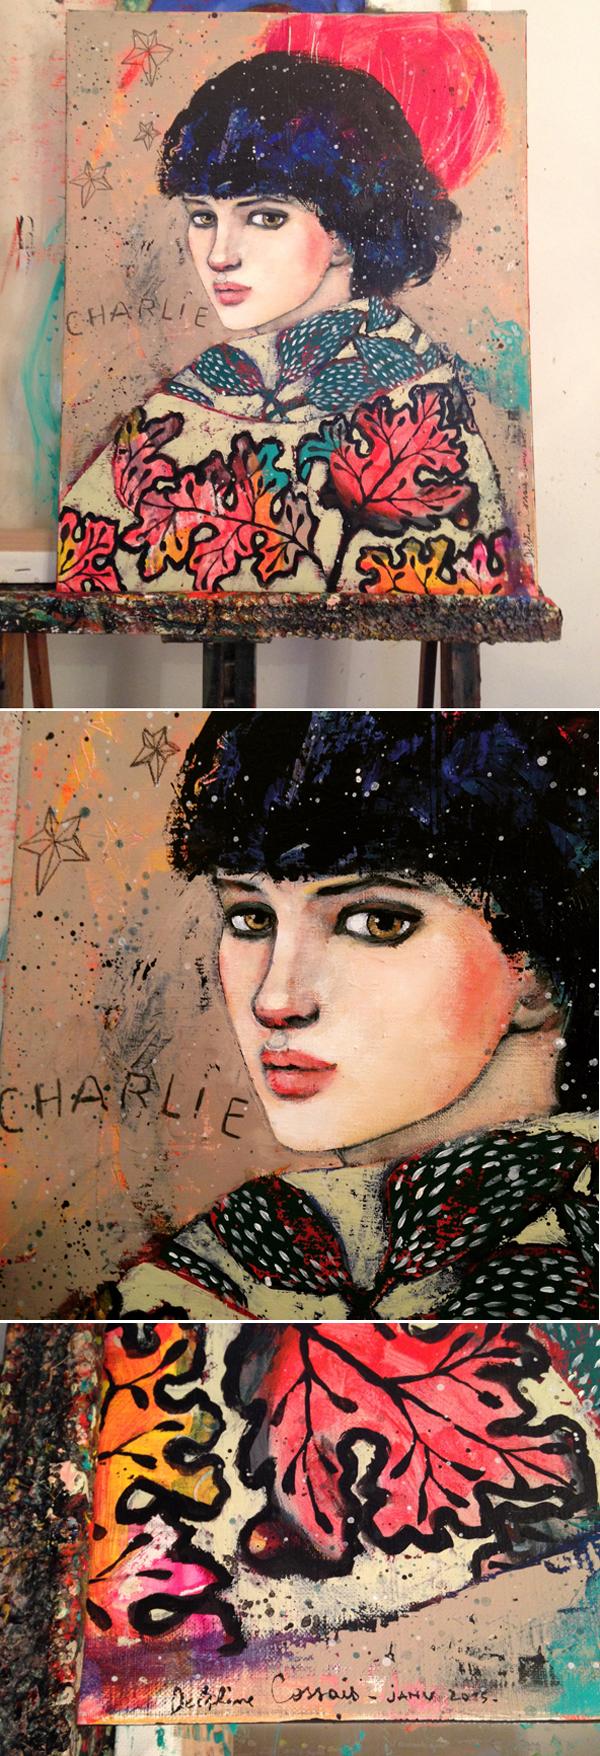 Charliejan15